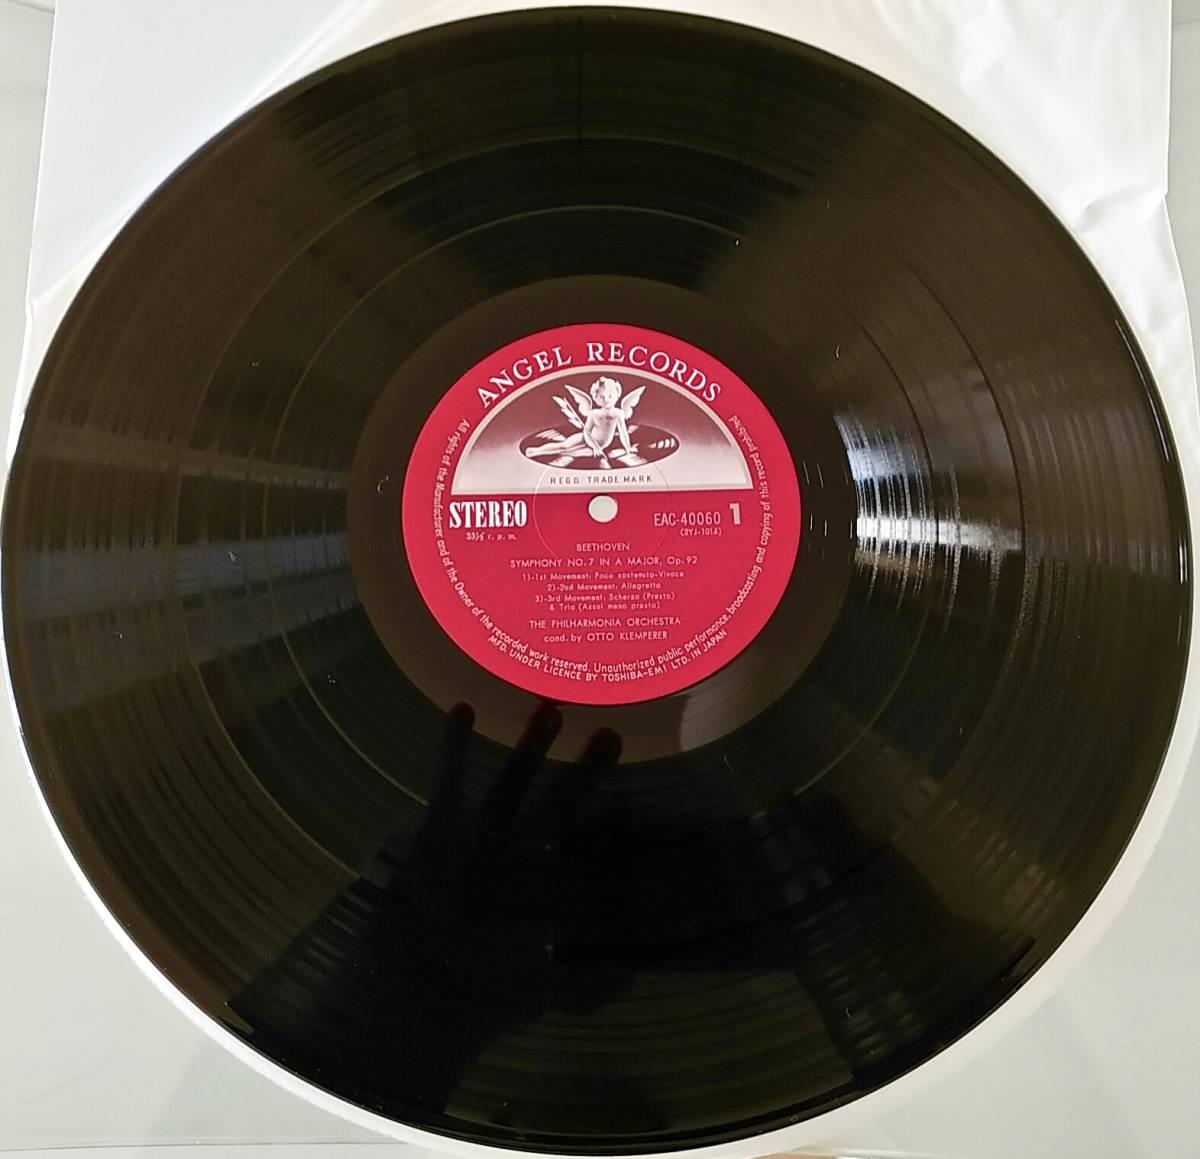 【2枚組】ベートーヴェン/交響曲第7番イ長調、第9番ニ短調「合唱付」 オットー・クレンペラー指揮 フィルハーモニア管弦楽団及び合唱団_画像5